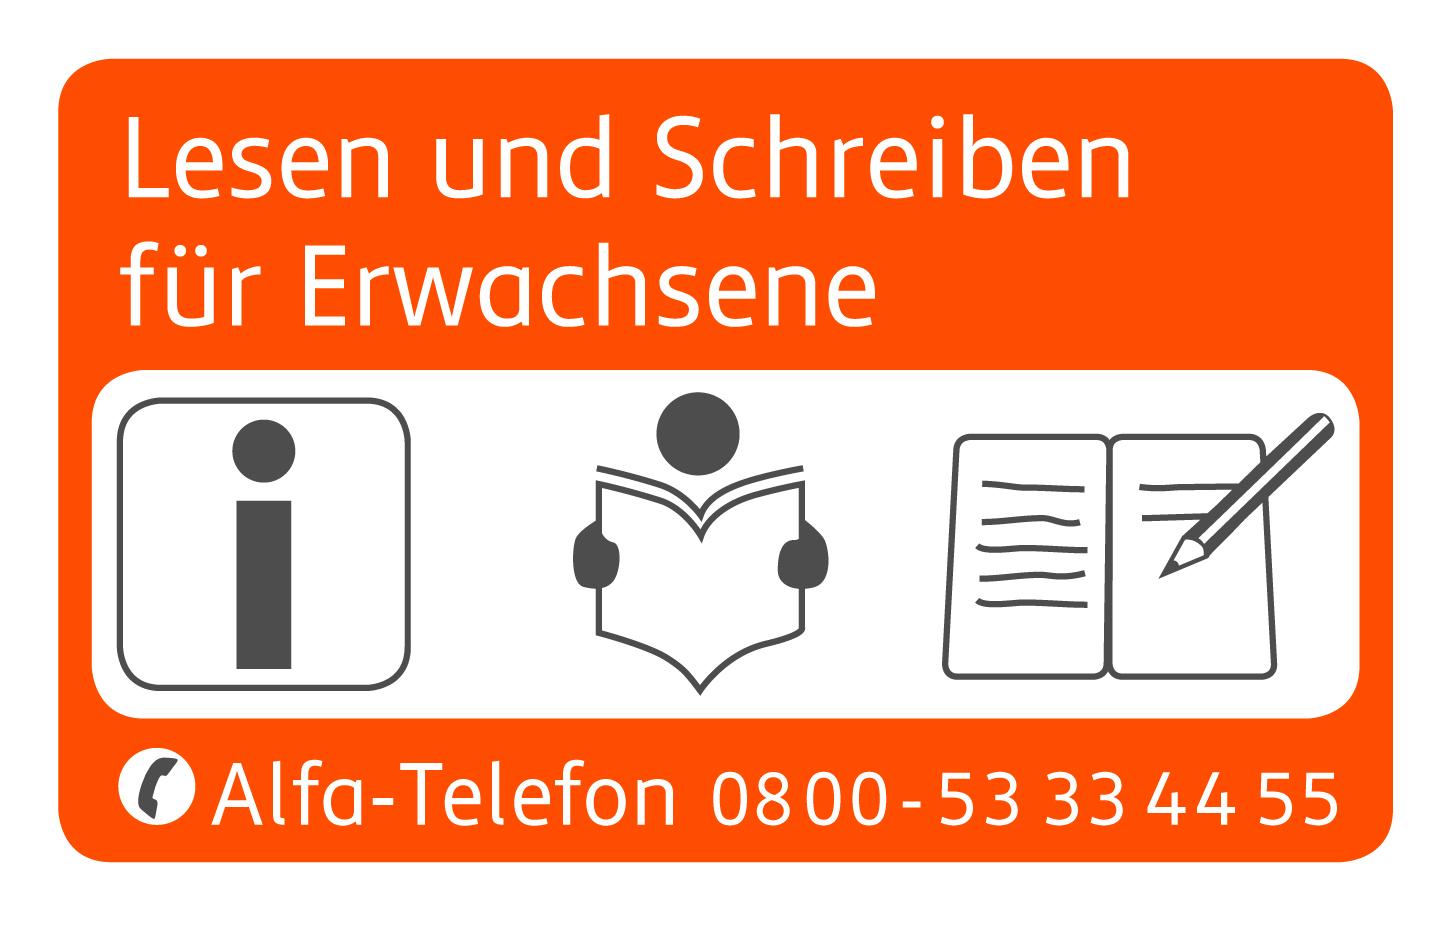 upload/IB-Mitte_NEU2017/Logos/Sachsen/Picto_orange_800.jpg